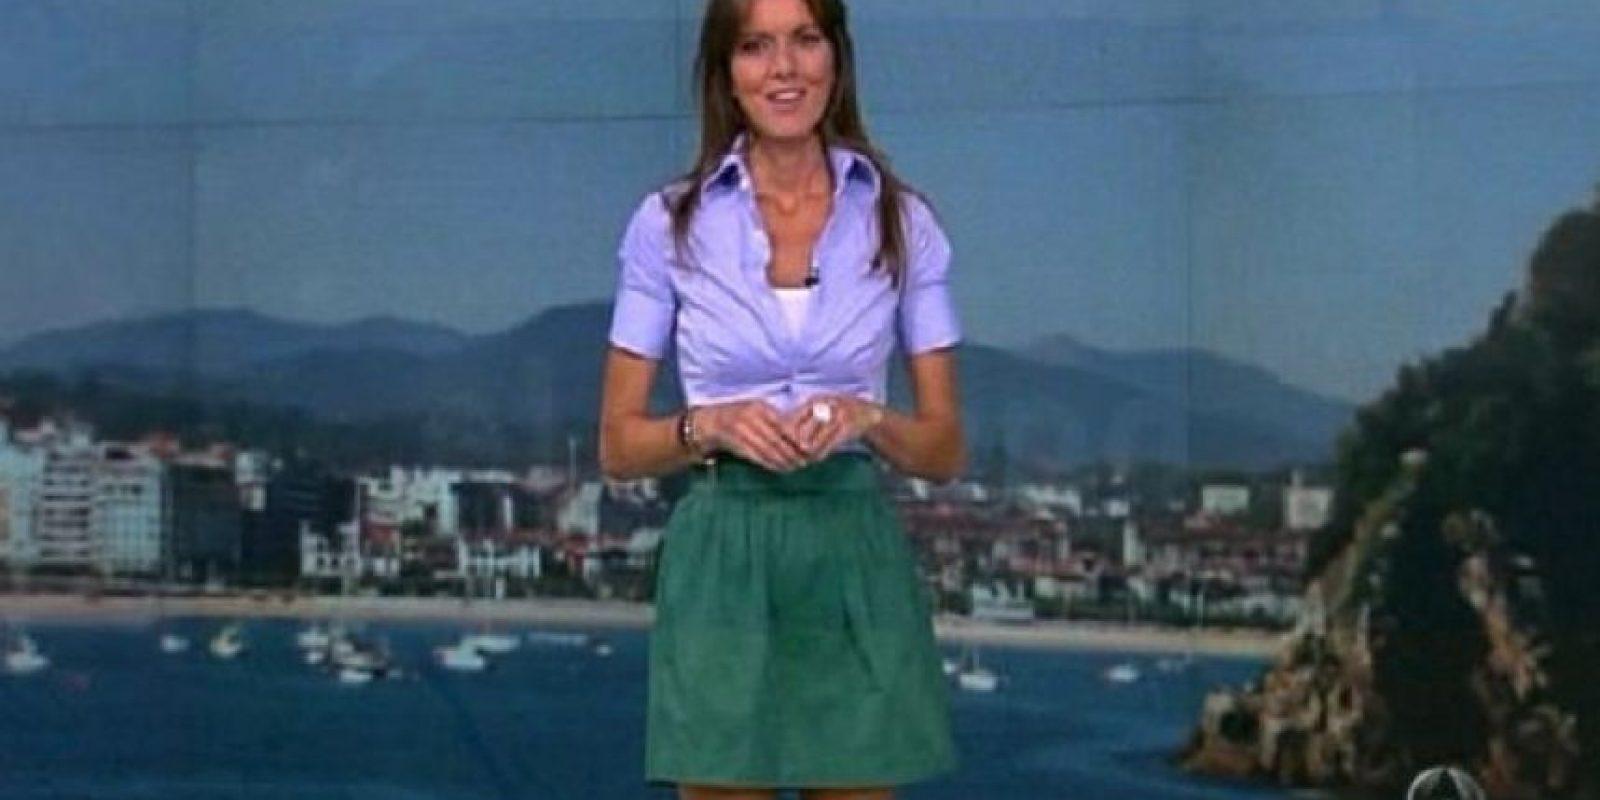 Ejerce desde hace tres años como meteoróloga durante los fines de semana de Antena 3 Foto:Vía facebook.com/himar.gonzalez. Imagen Por: